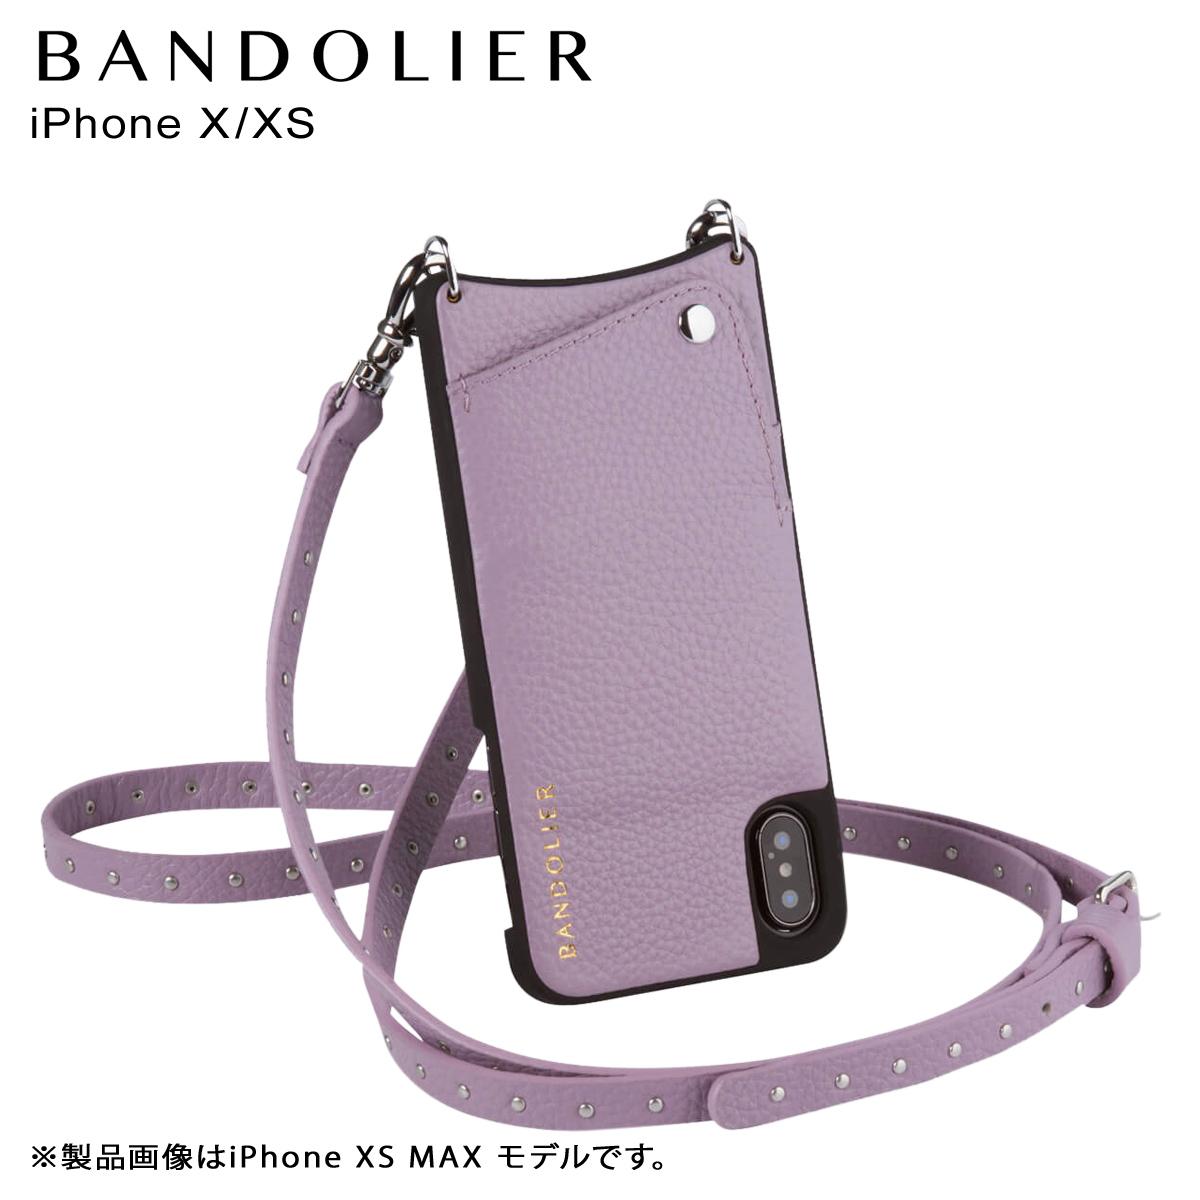 バンドリヤー BANDOLIER iPhone XS X ケース ショルダー スマホ アイフォン レザー NICOLE LILAC メンズ レディース ライラック 10NIC1001 [4/5 再入荷]